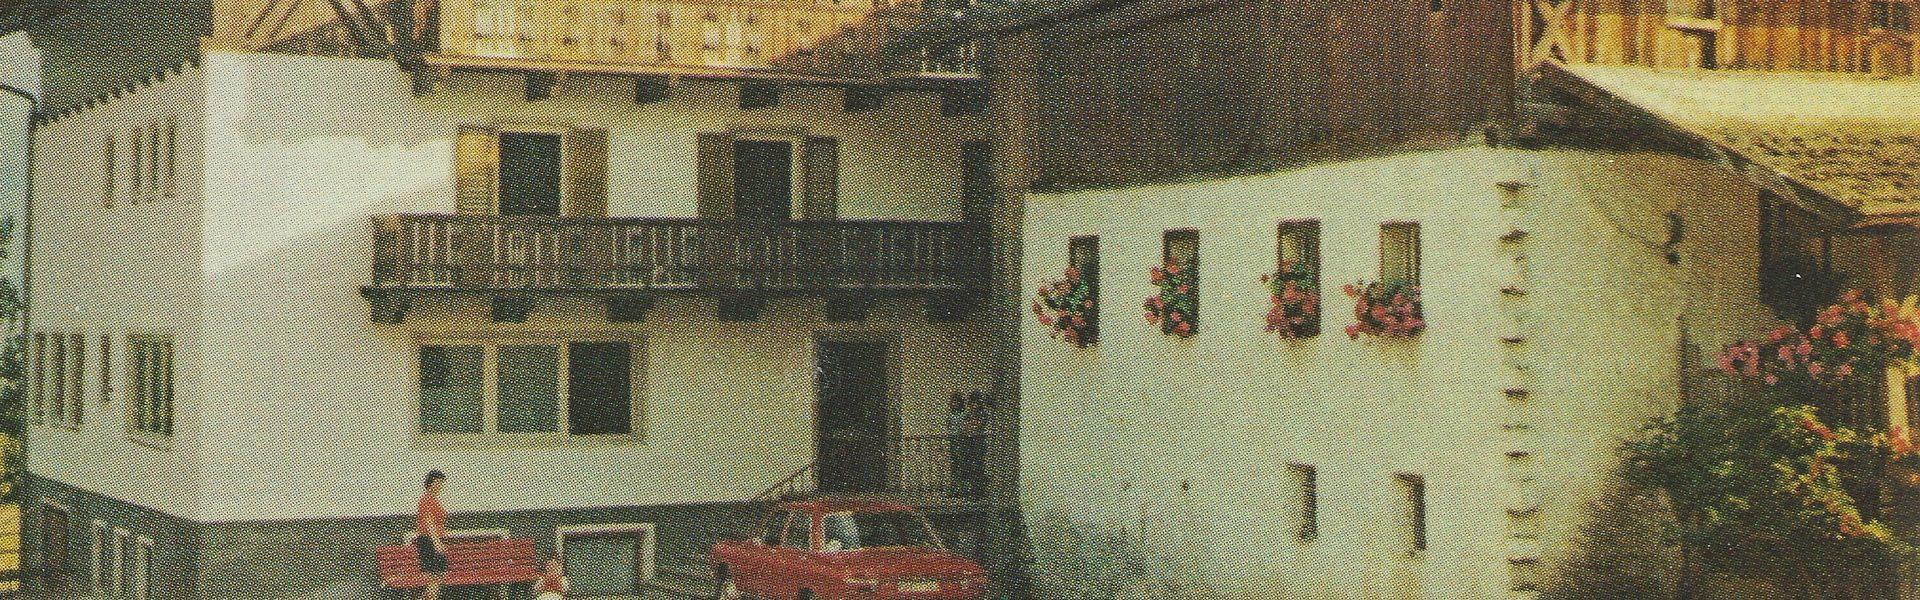 Moarhof-Postkarte-70er